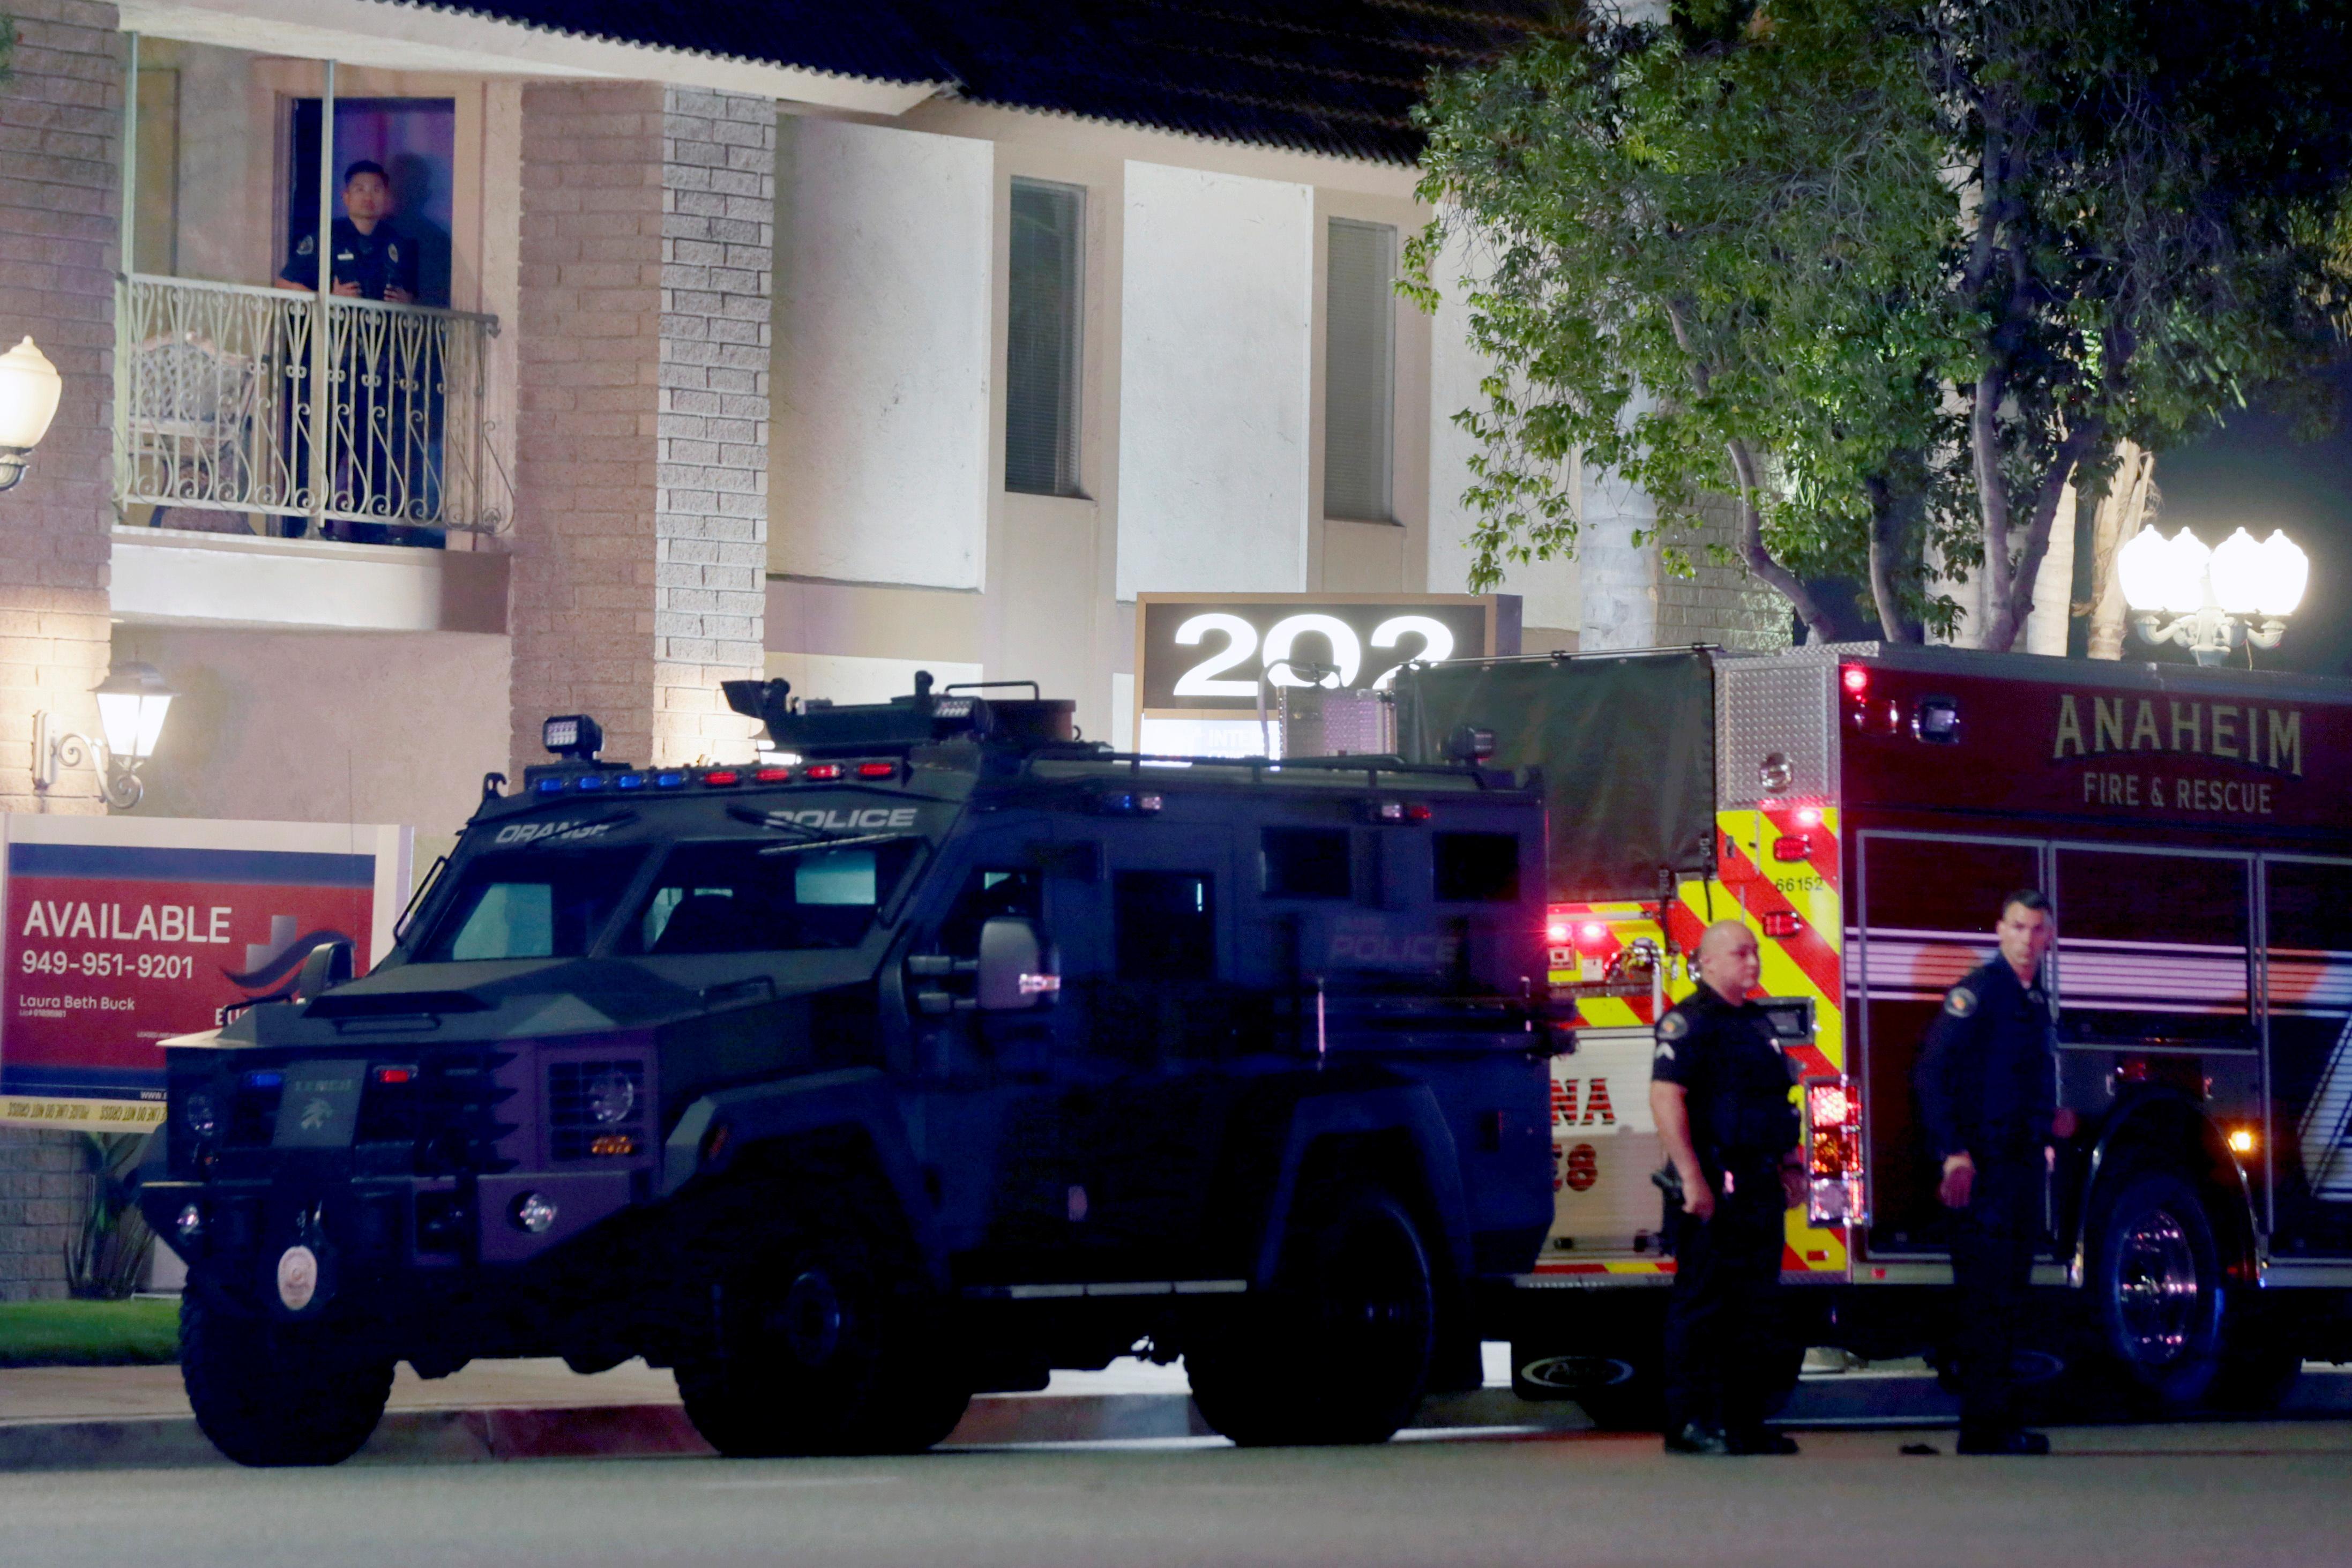 Police in Orange, Calif